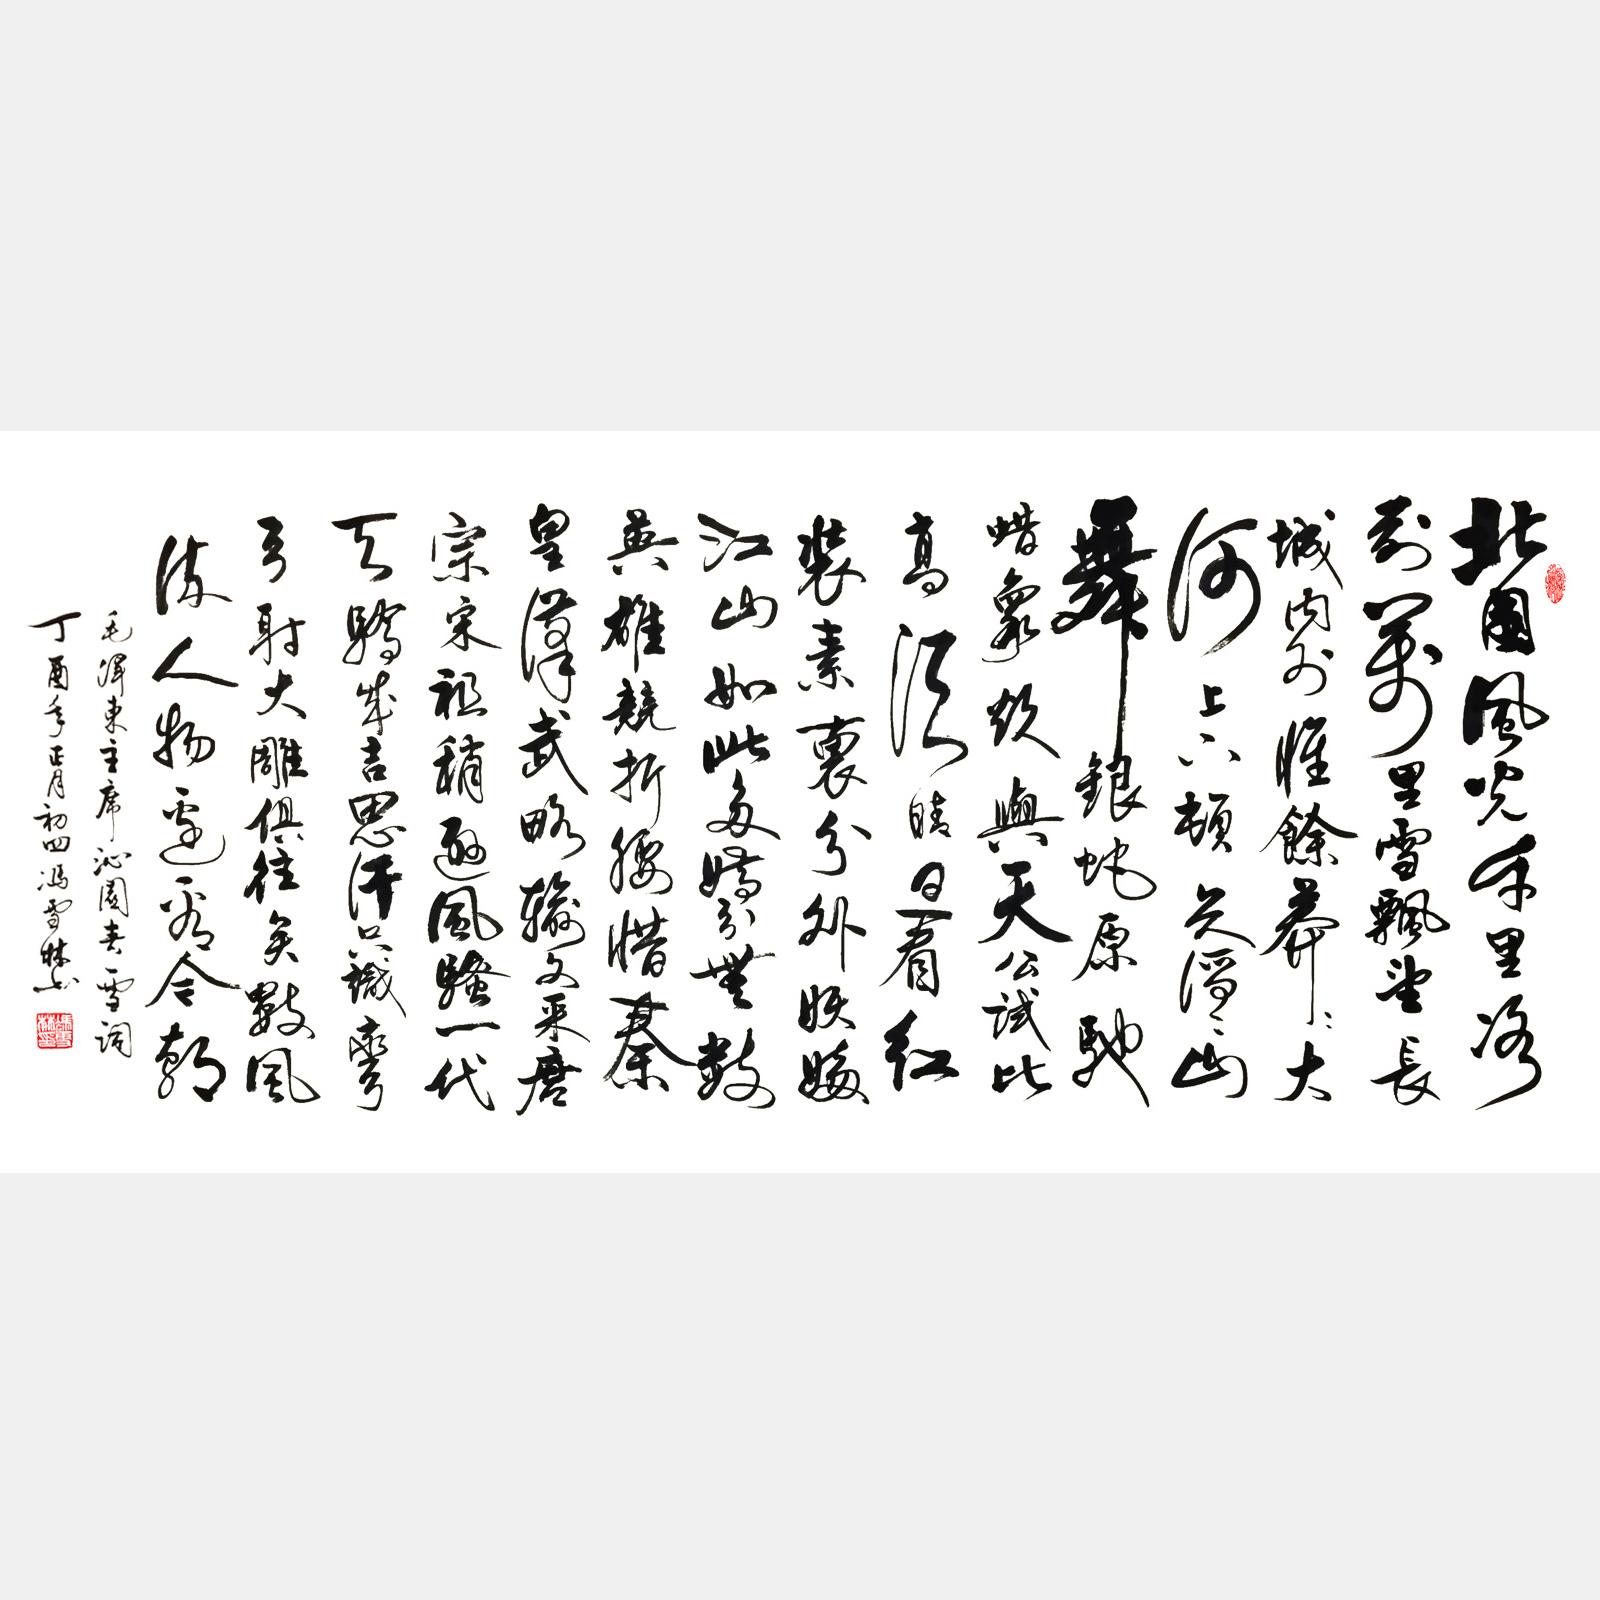 图片2:毛主席词《沁园春・雪》丁酉年新作 沁园春雪行书书法作品